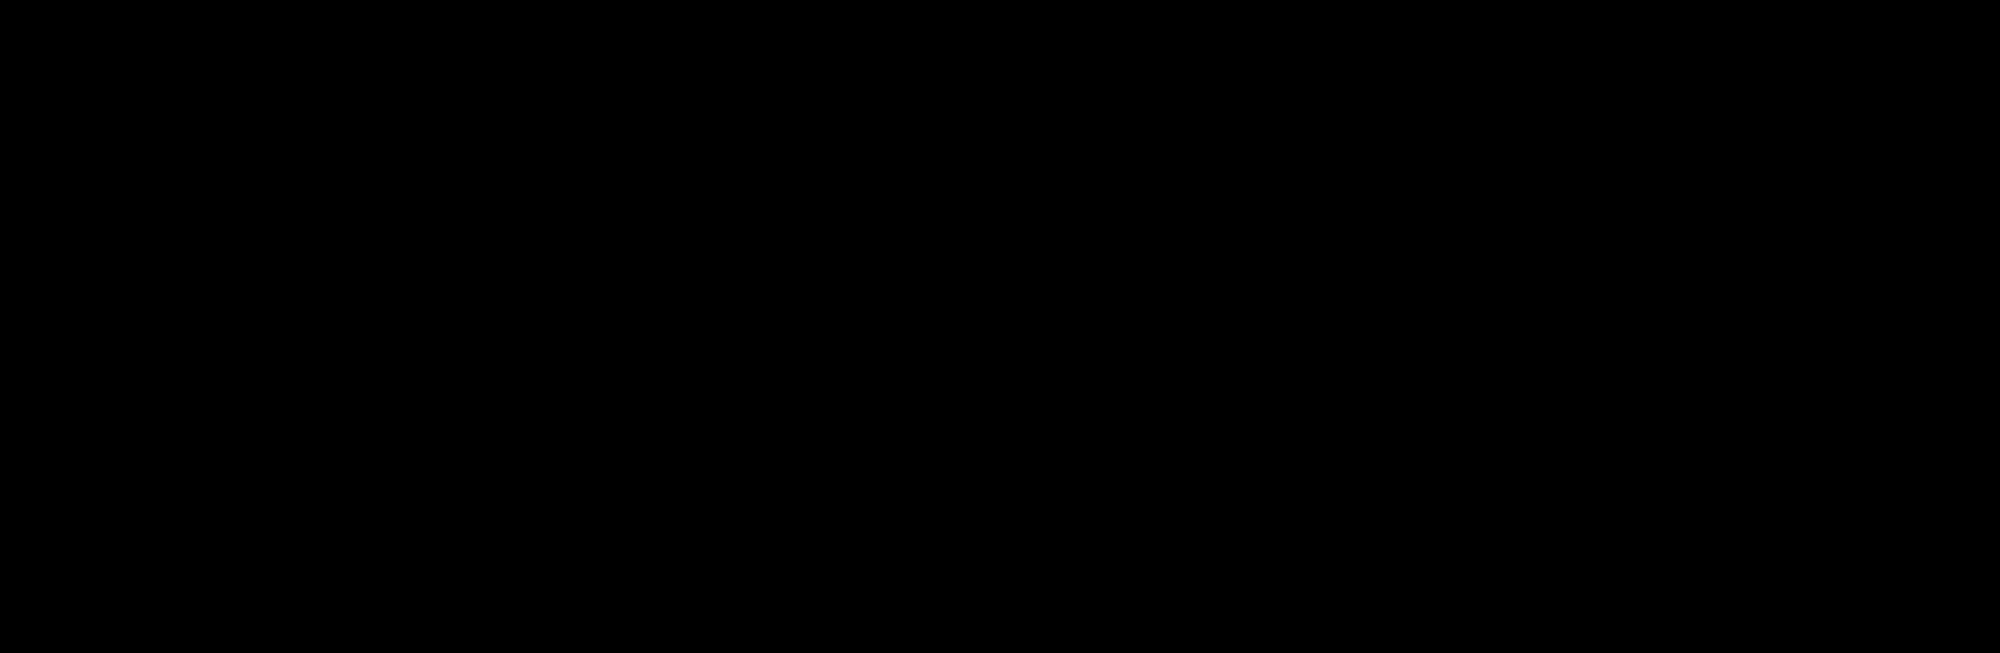 Holt Design LLC-logo.png